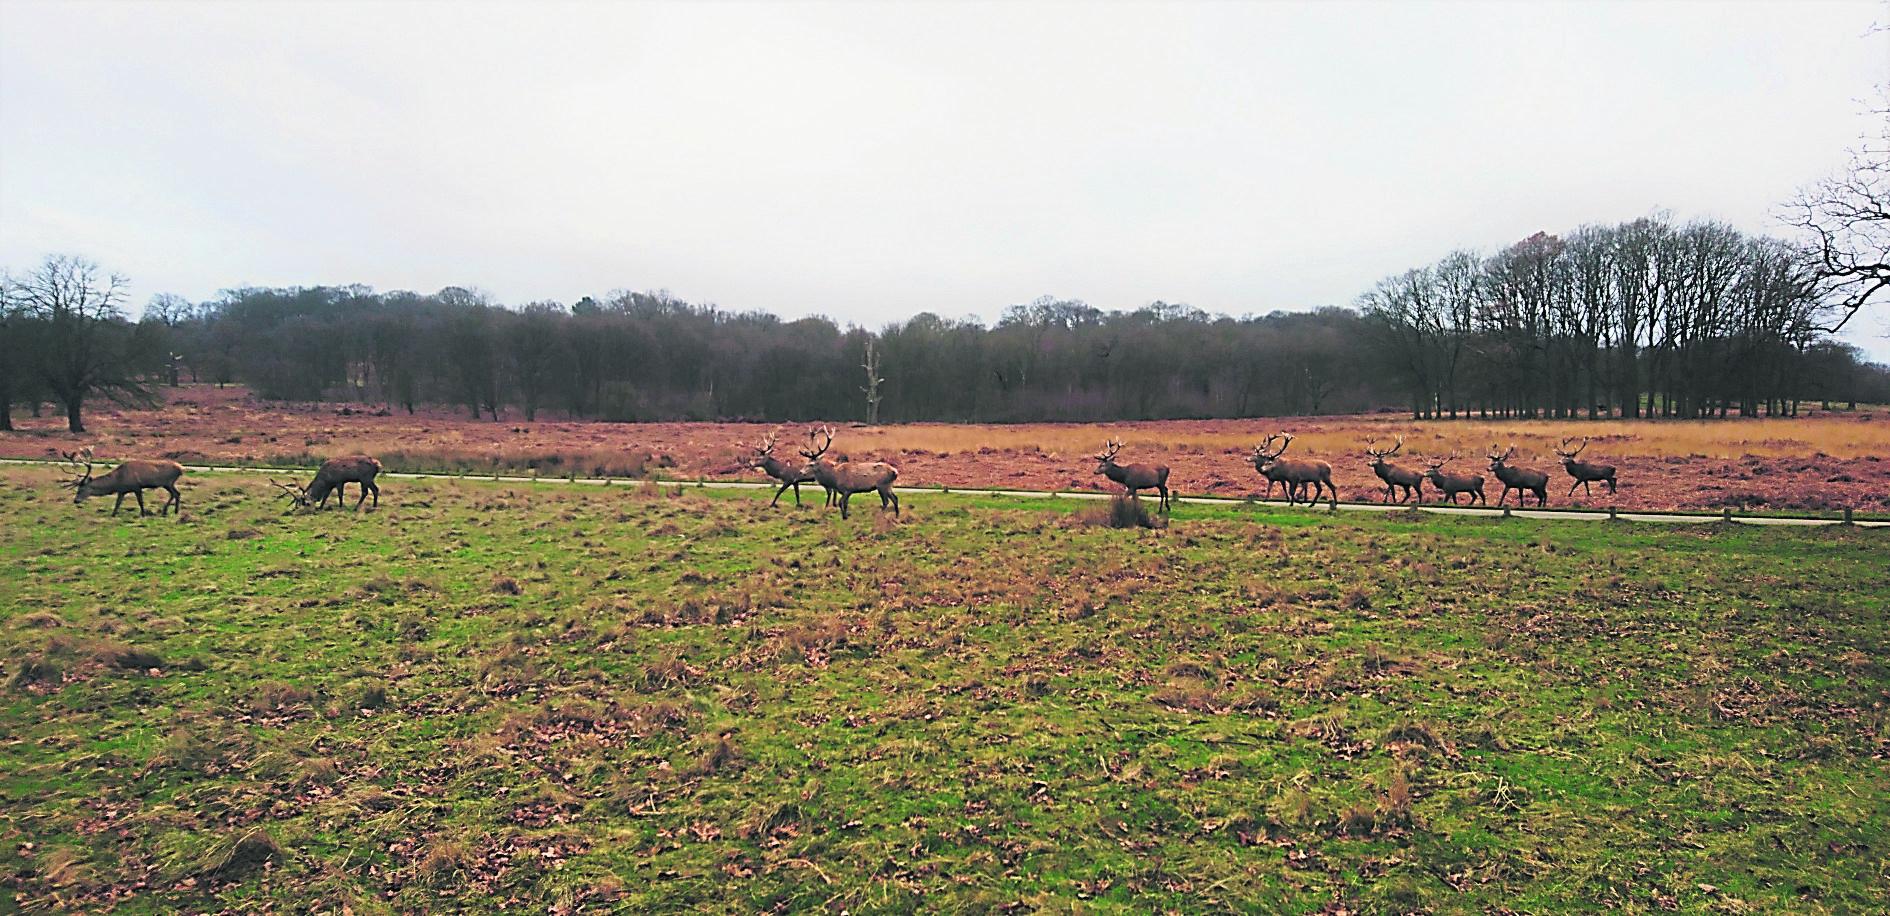 Deer on the field Photo: Vinay Kansara